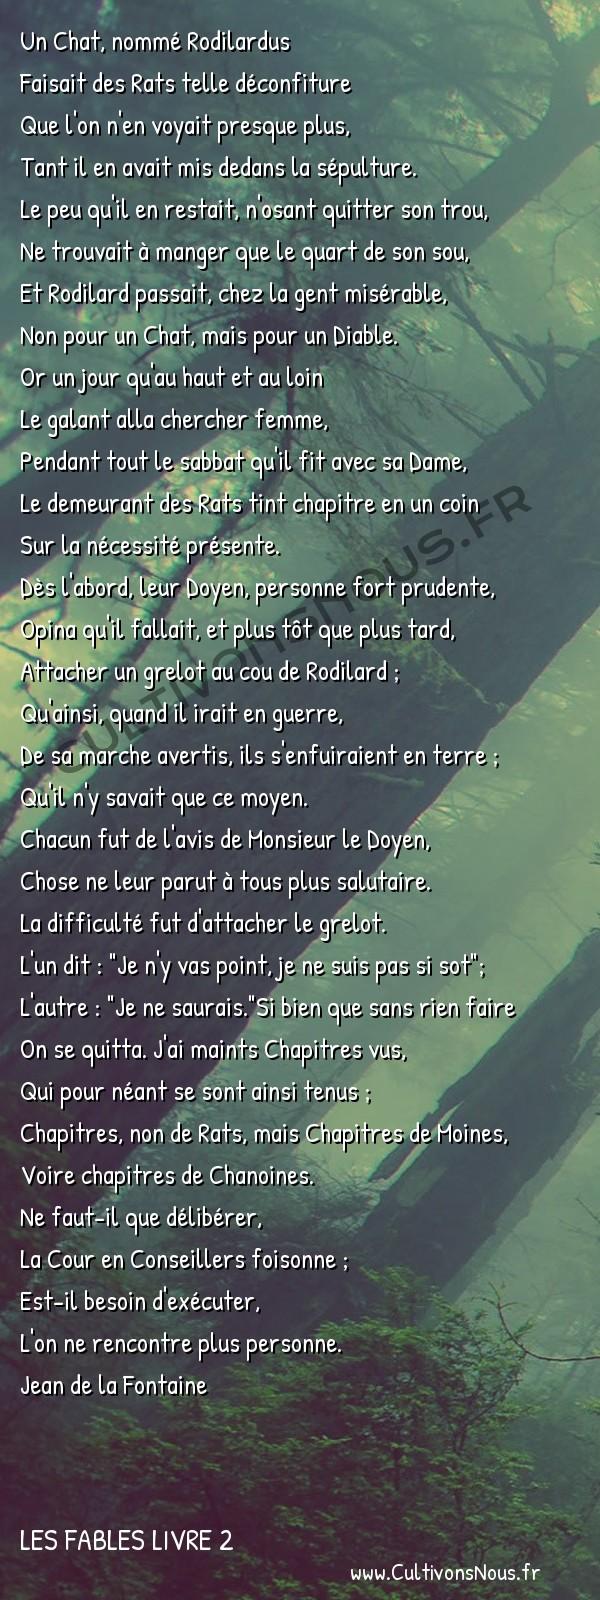 Fables Jean de la Fontaine - Les fables Livre 2 - Conseil tenu par les Rats -   Un Chat, nommé Rodilardus Faisait des Rats telle déconfiture